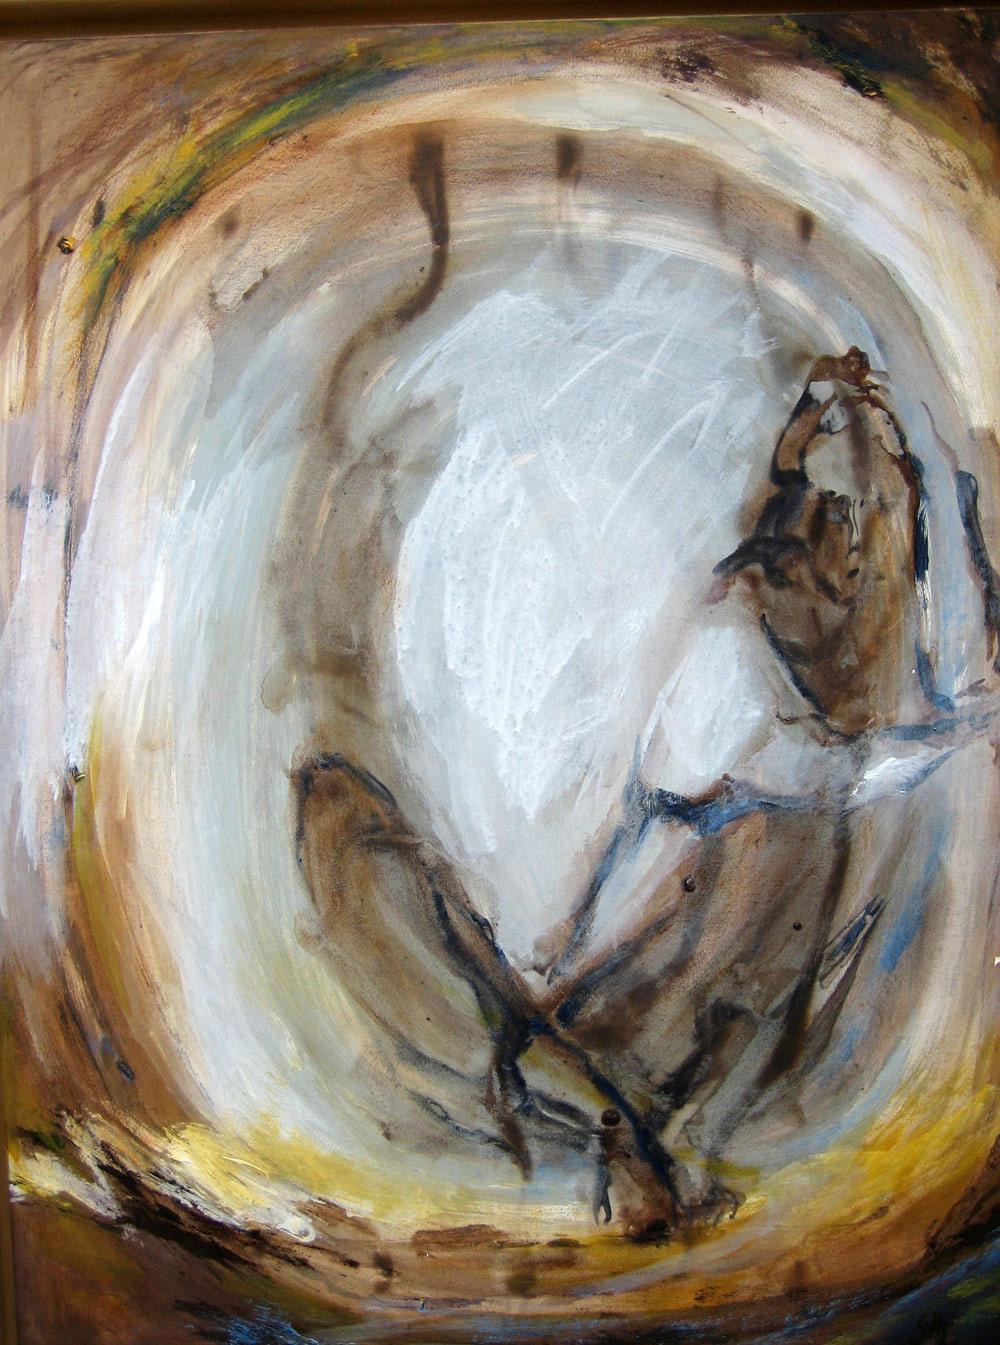 De neige de plume et de cendre, 88 X 68cm, 2001